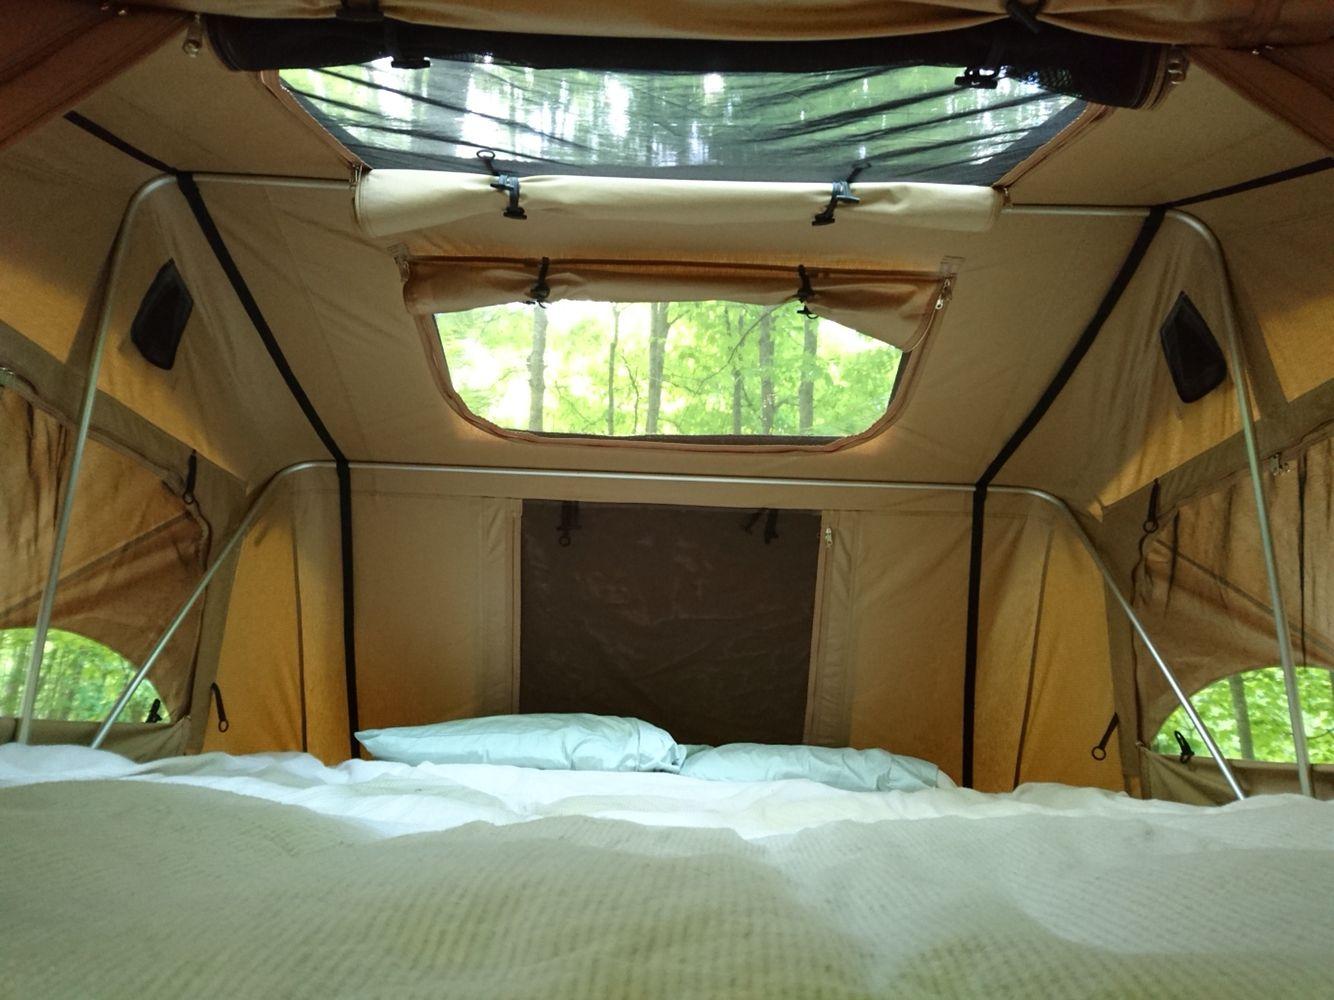 Adventure Kings Roof Top Tent Weight big sky roof top tent #wildcoasttents | roof top tent, diy